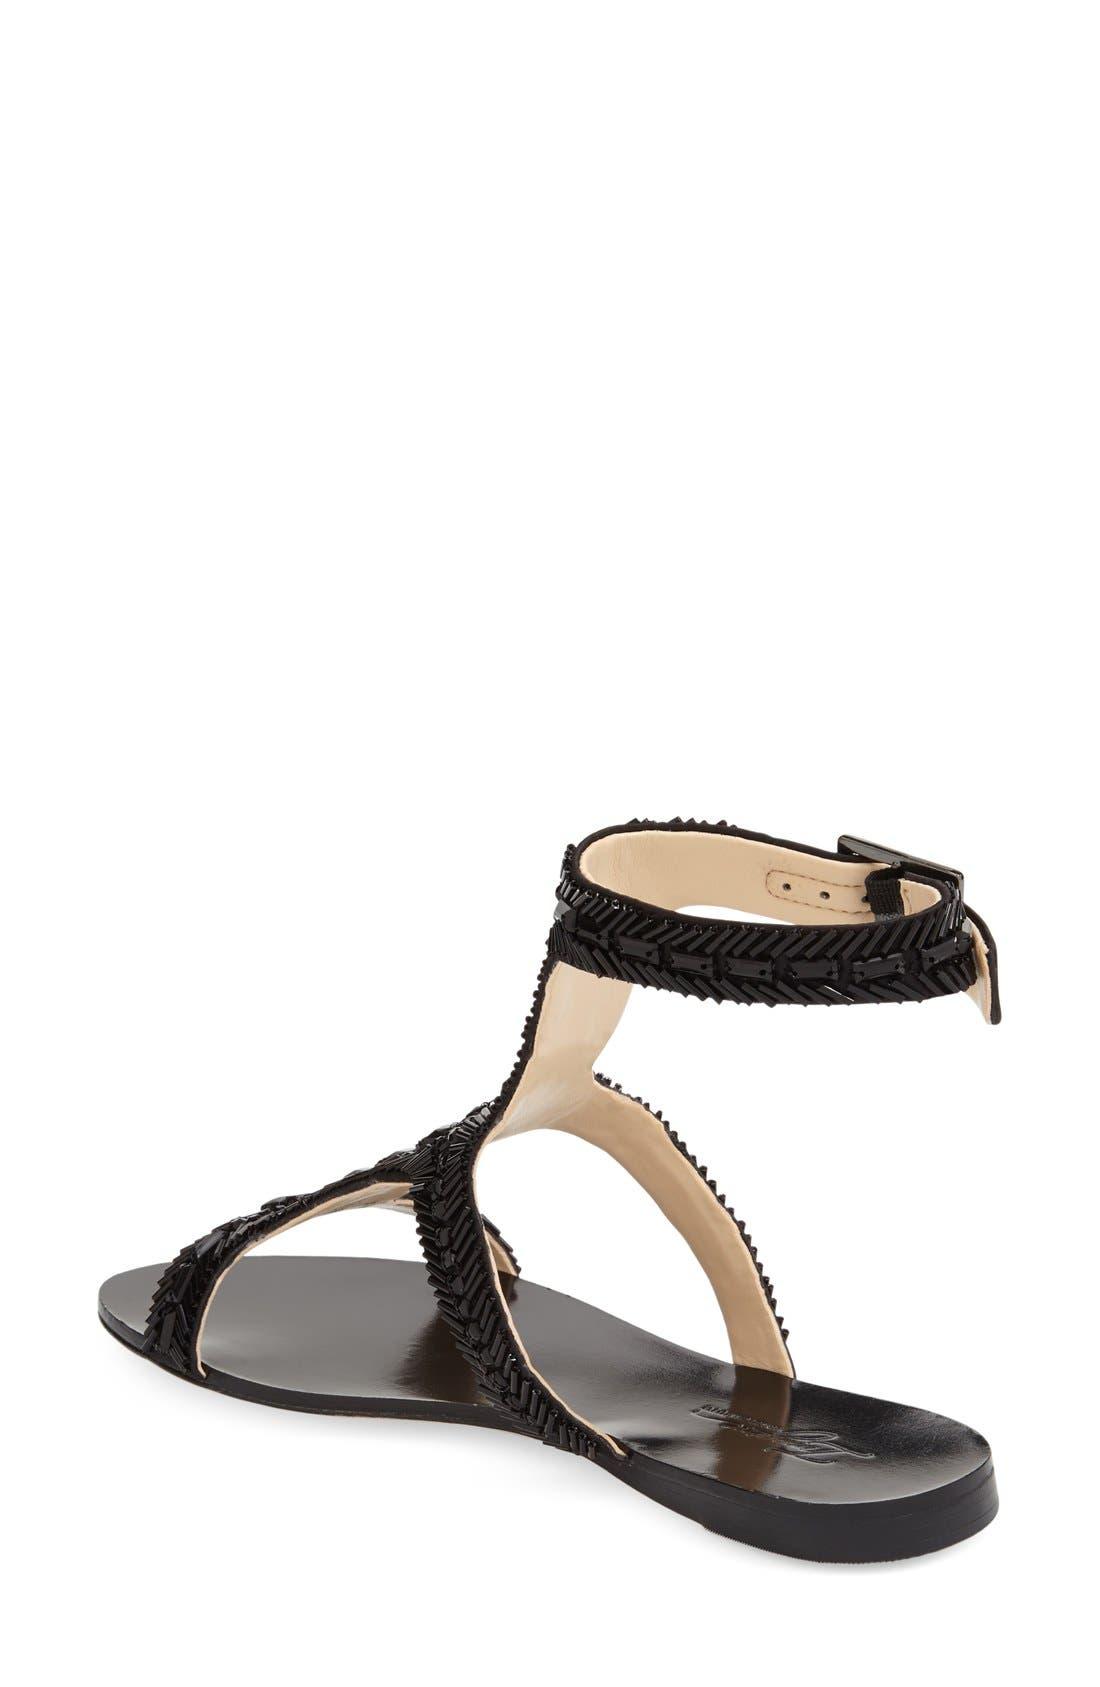 Imagine Vince Camuto 'Reid' Embellished T-Strap Flat Sandal,                             Alternate thumbnail 2, color,                             Black